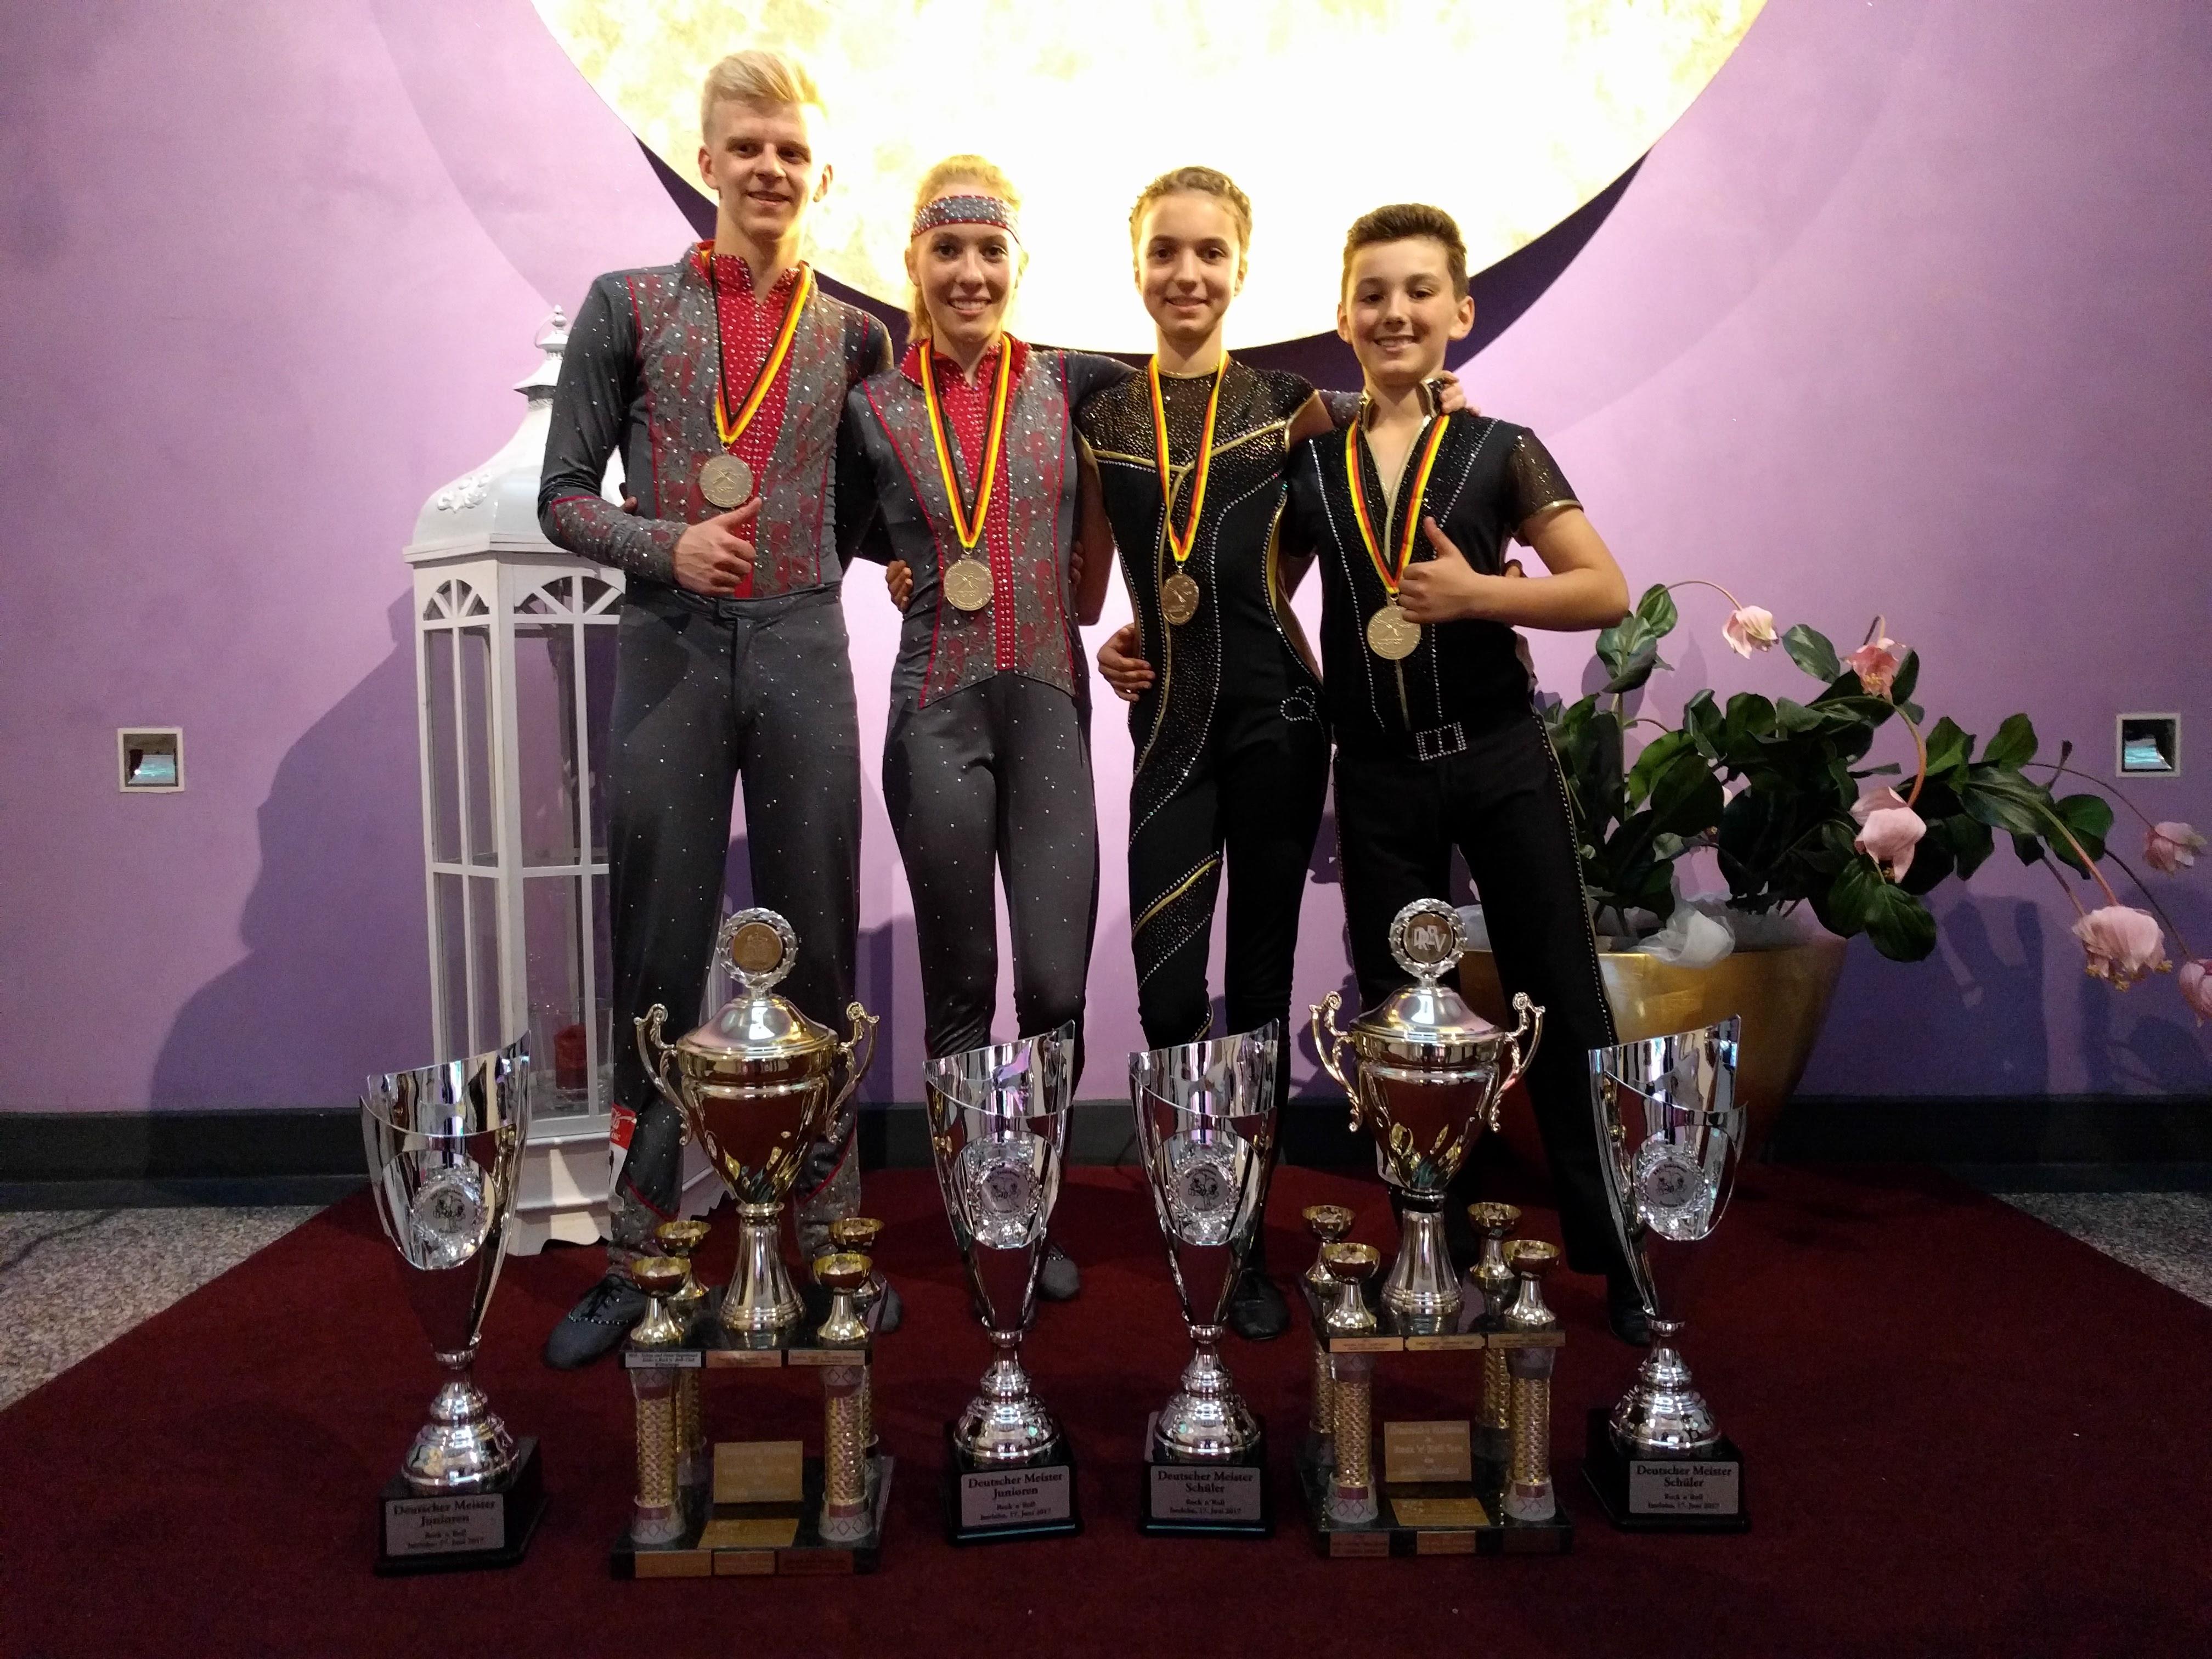 Deutsche Meisterschaft in Iserlohn: Titel verteidigt